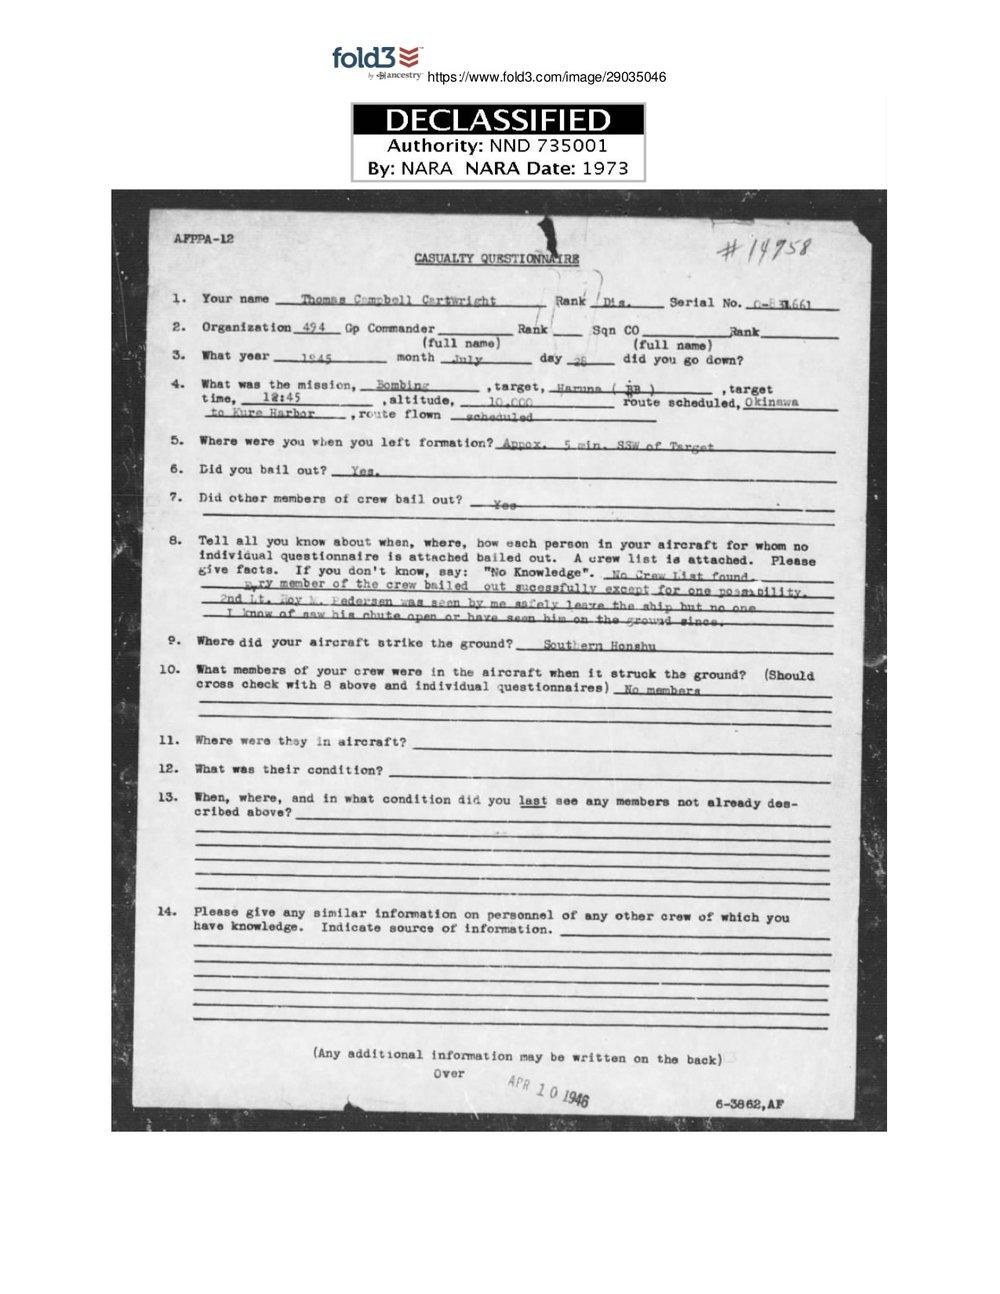 macr_pg8_questionnaire.jpg